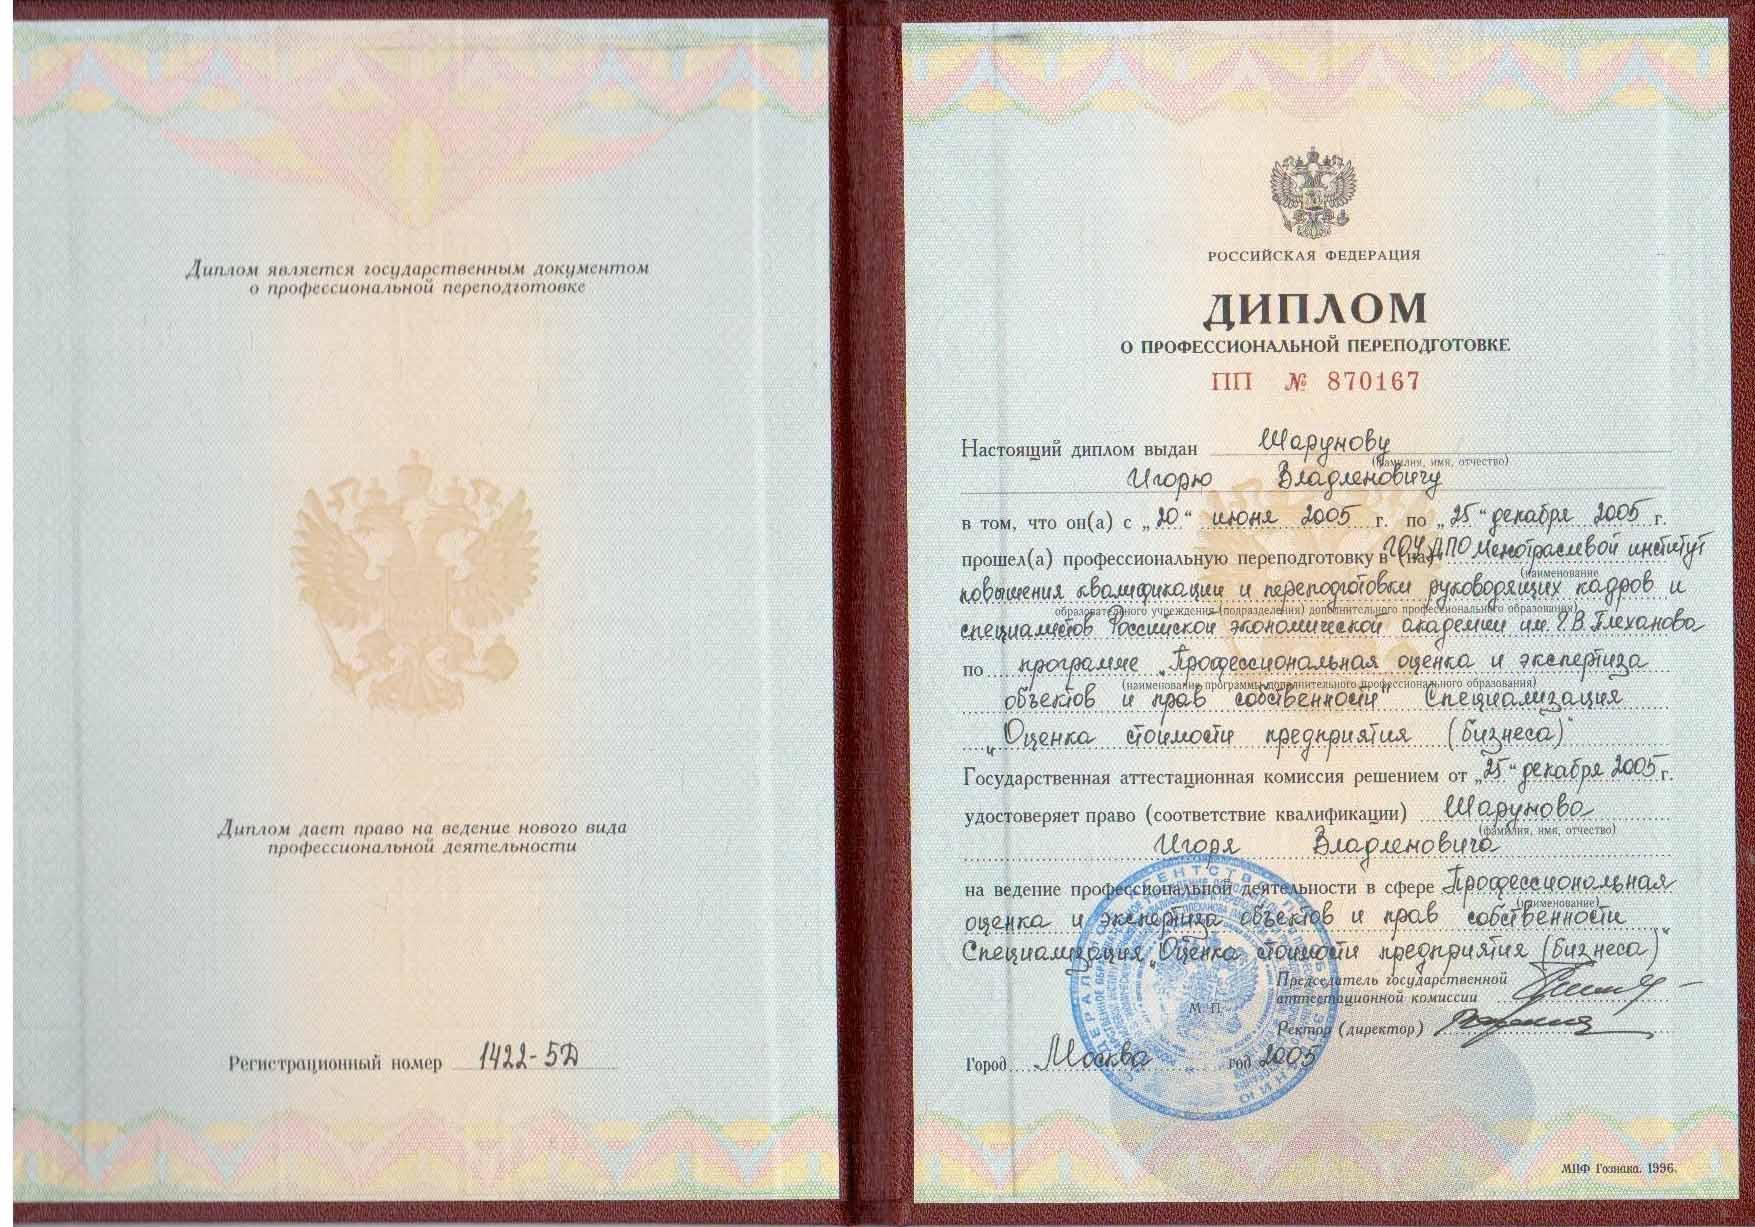 Аккредитация и партнеры ООО Консалтинг Юг Диплом Шарунов И В